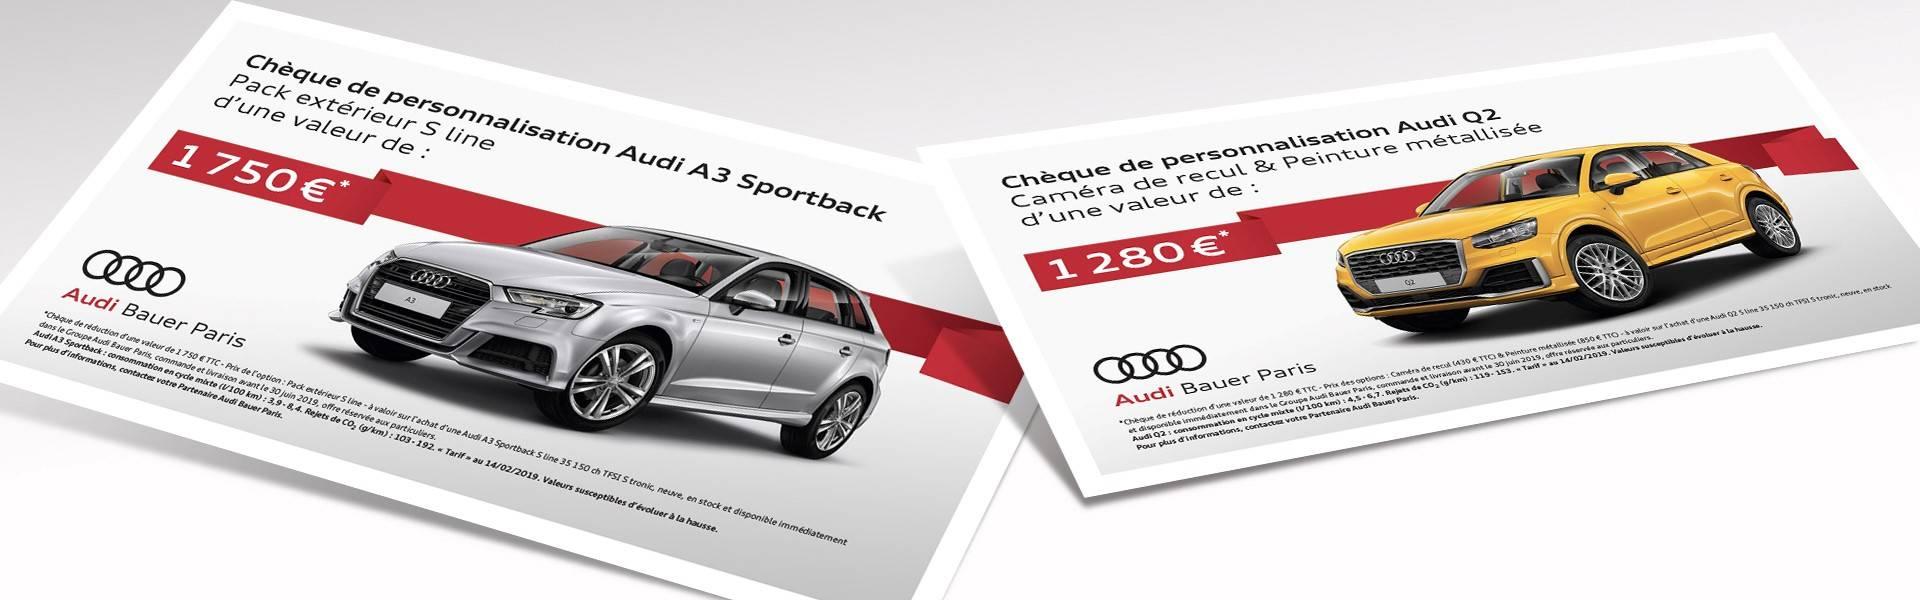 Opération promo chèque Audi A3 Audi Q2 Bauer Paris